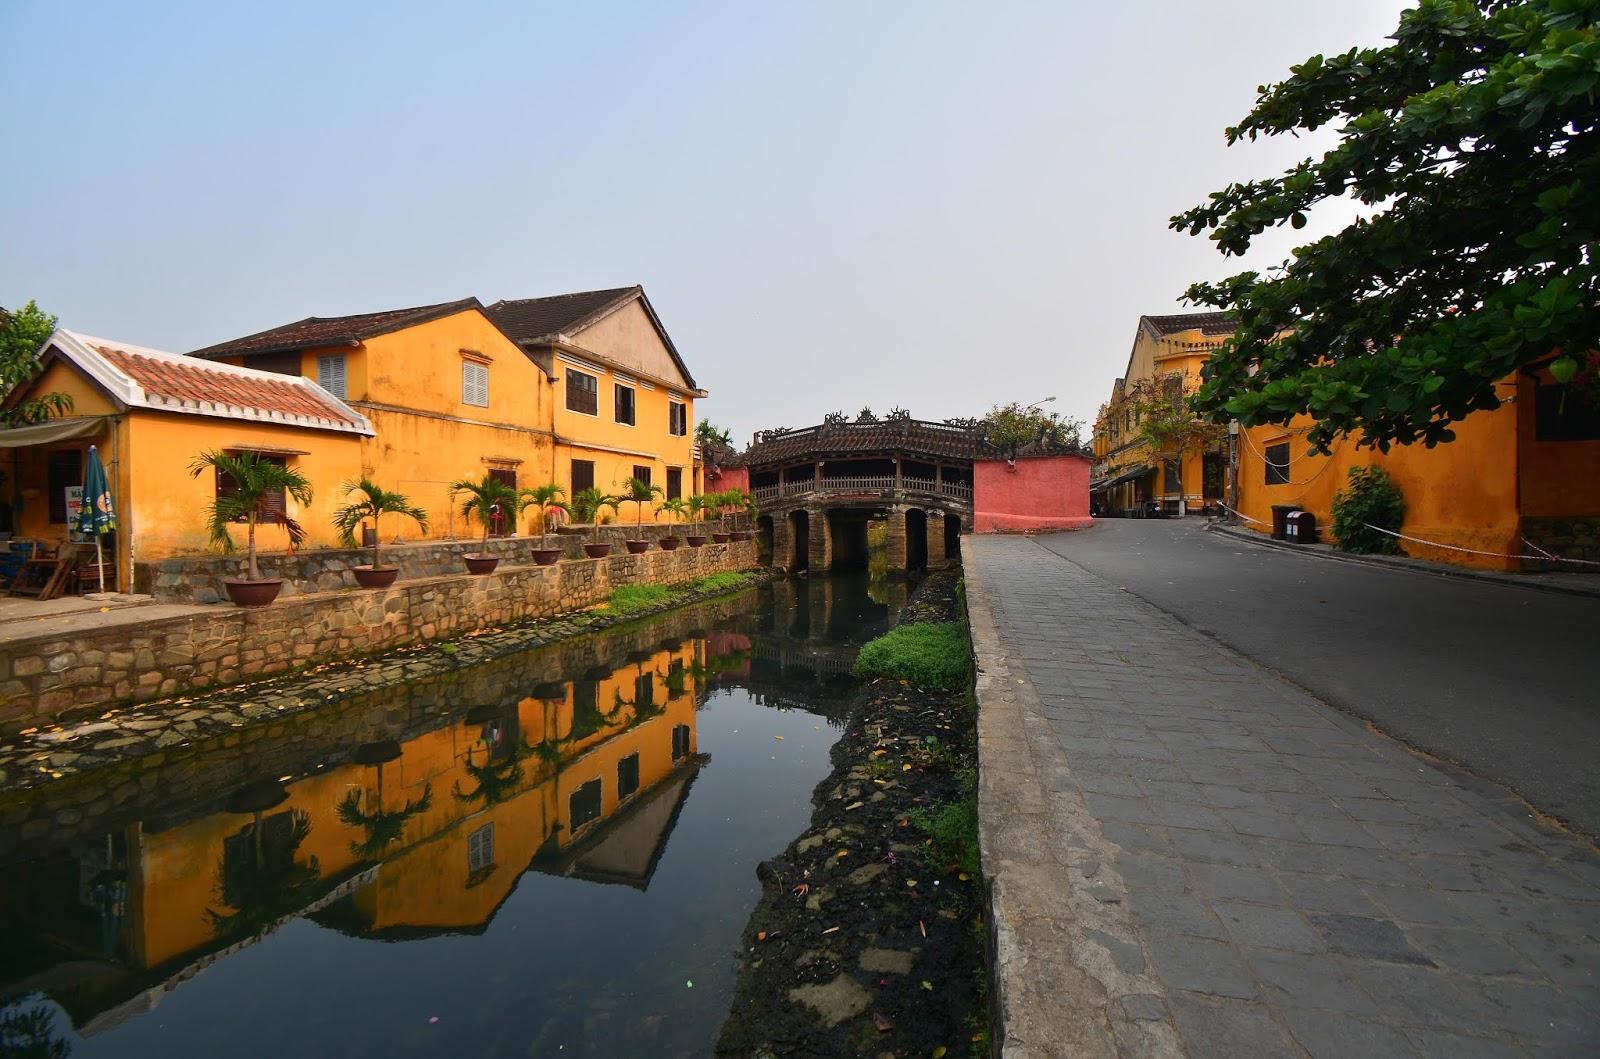 Thông tin cần biết khi đến Quảng Nam vào mùa dịch COVID-19